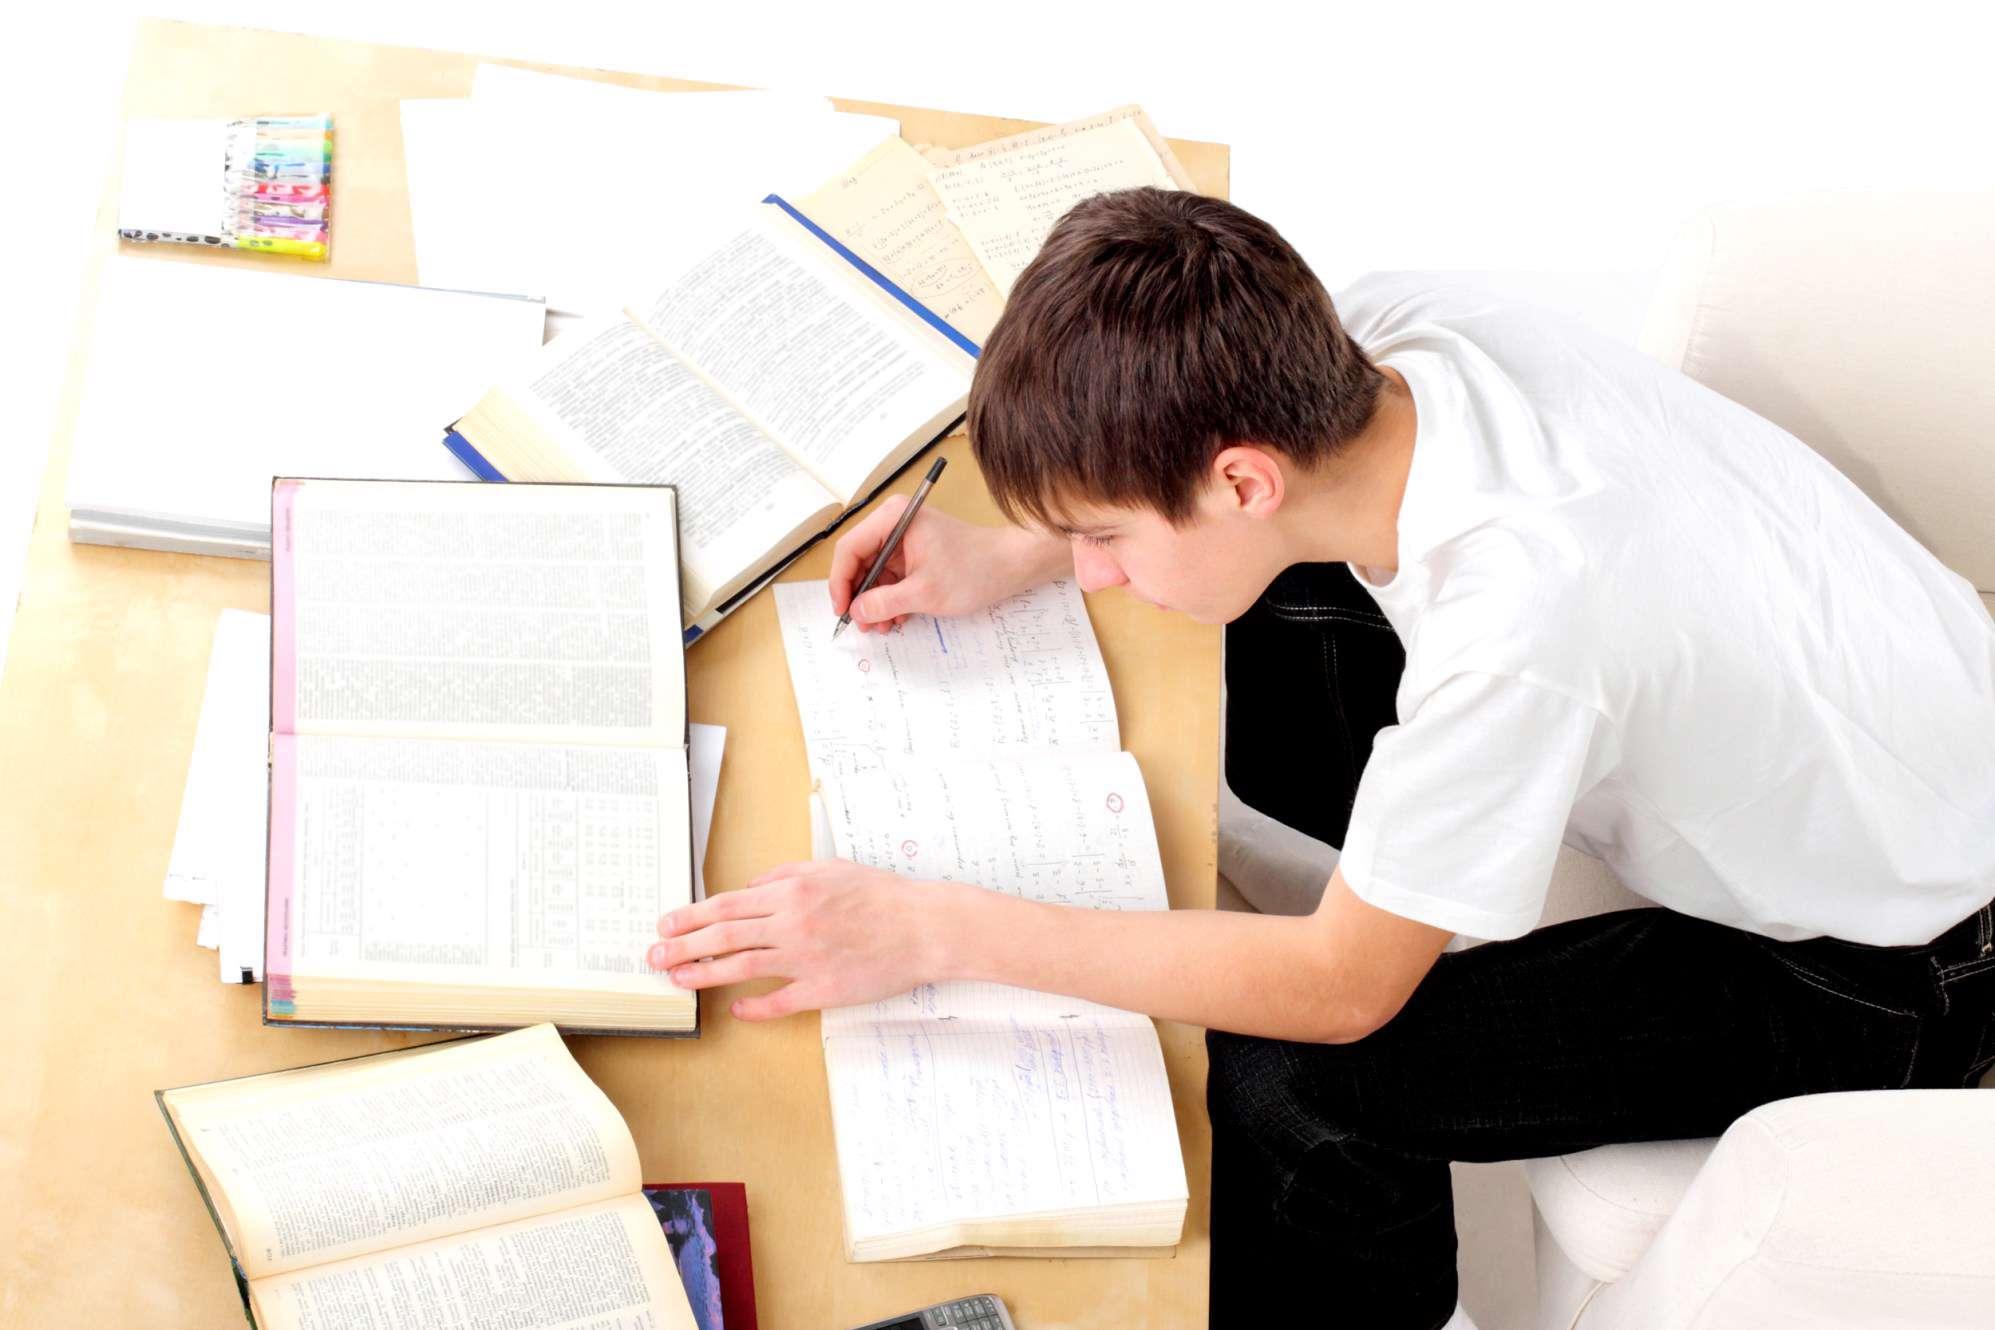 دانش اموزان، عید، کنکور، درس خواندن